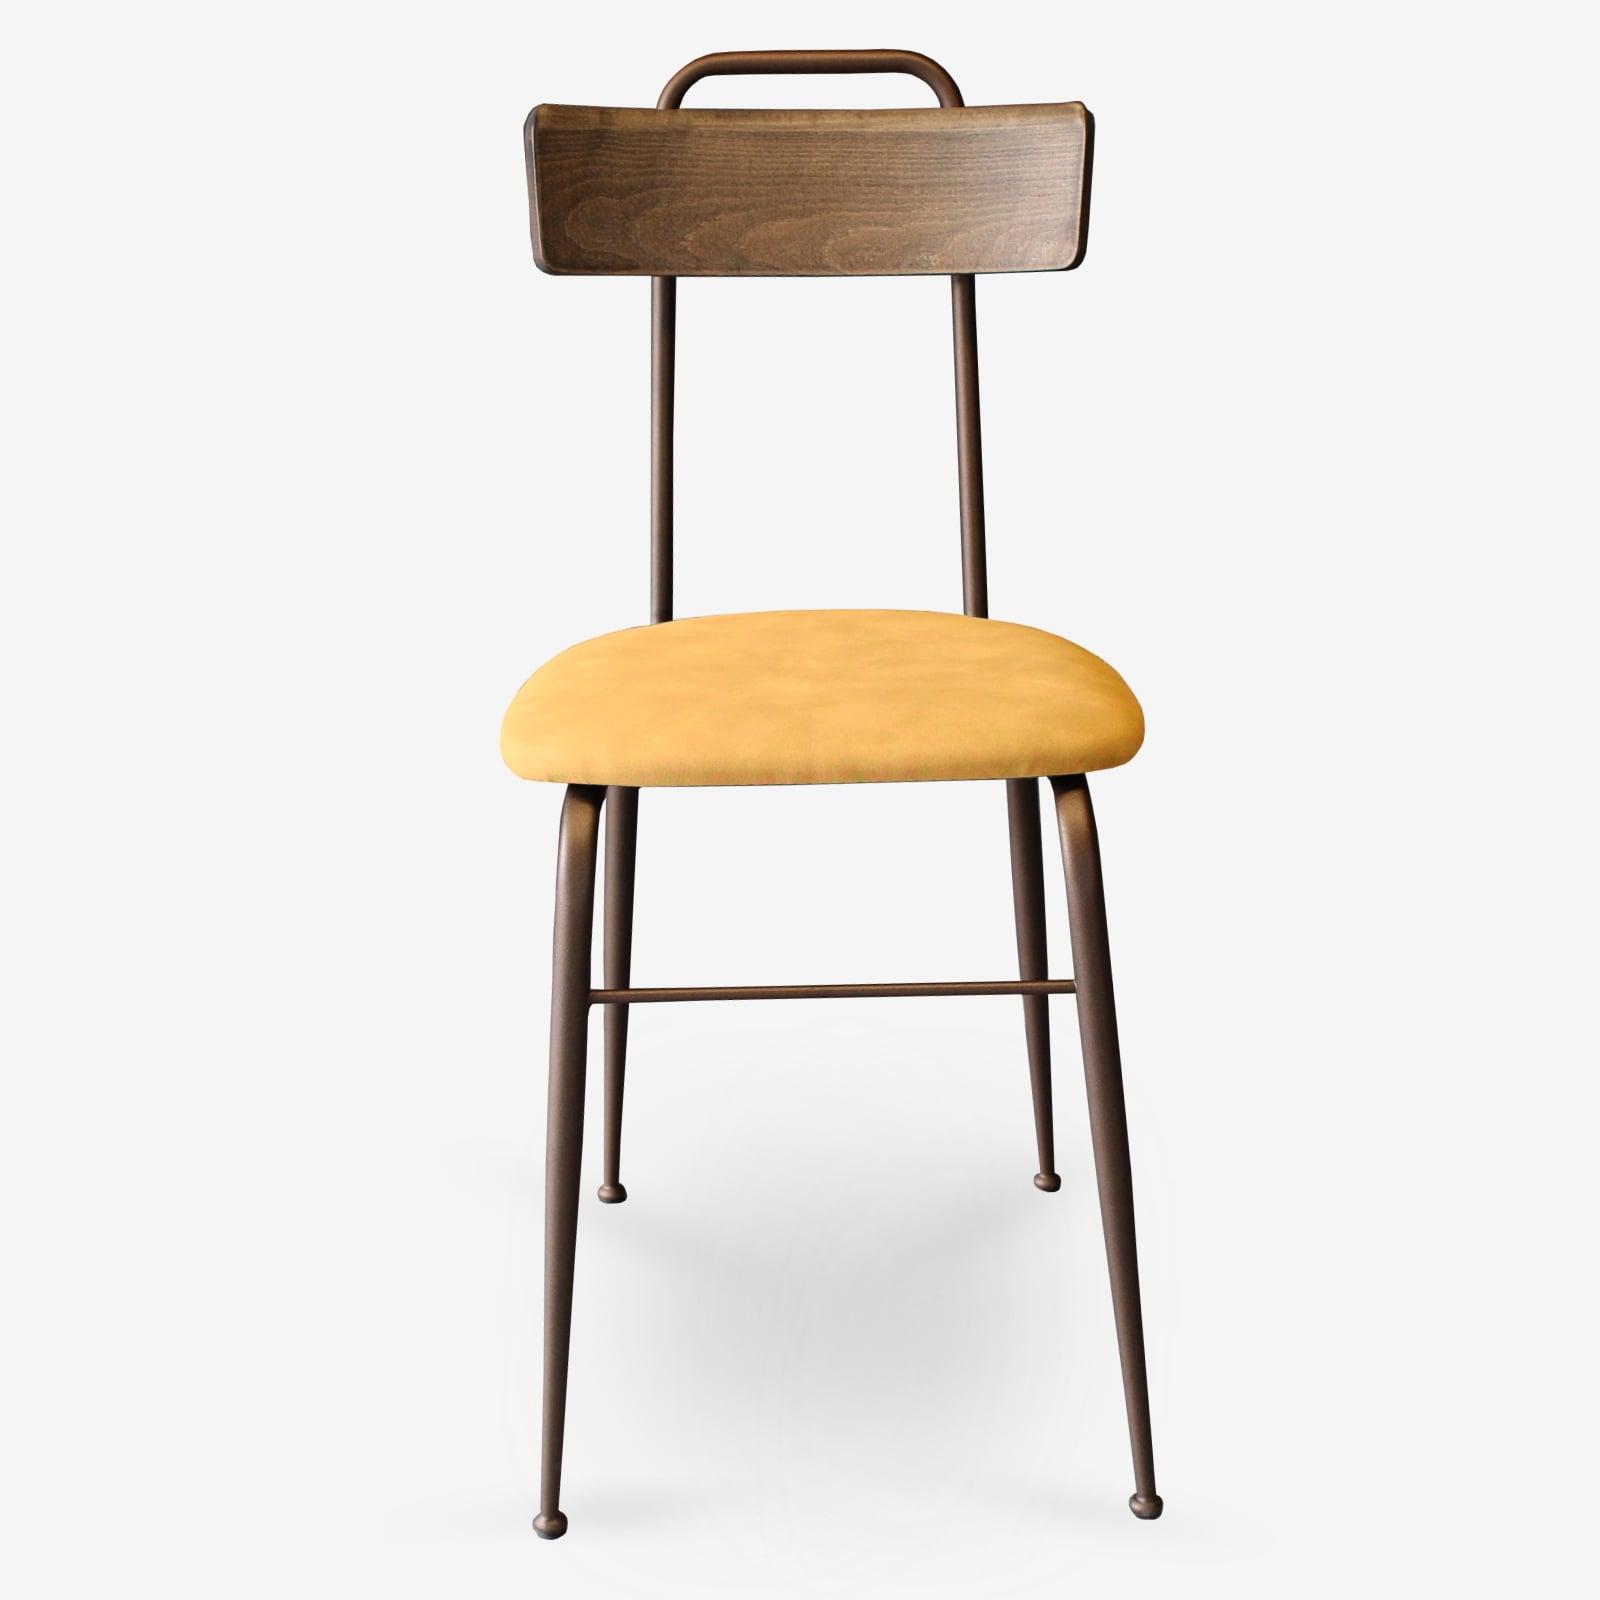 Sedie-in-ecopelle-e-metallo-bronzo-sedie-per-ristoranti-alberghi-bar-sedie-vintage-sedie-di-design-sedie-moderne-Clo- fg